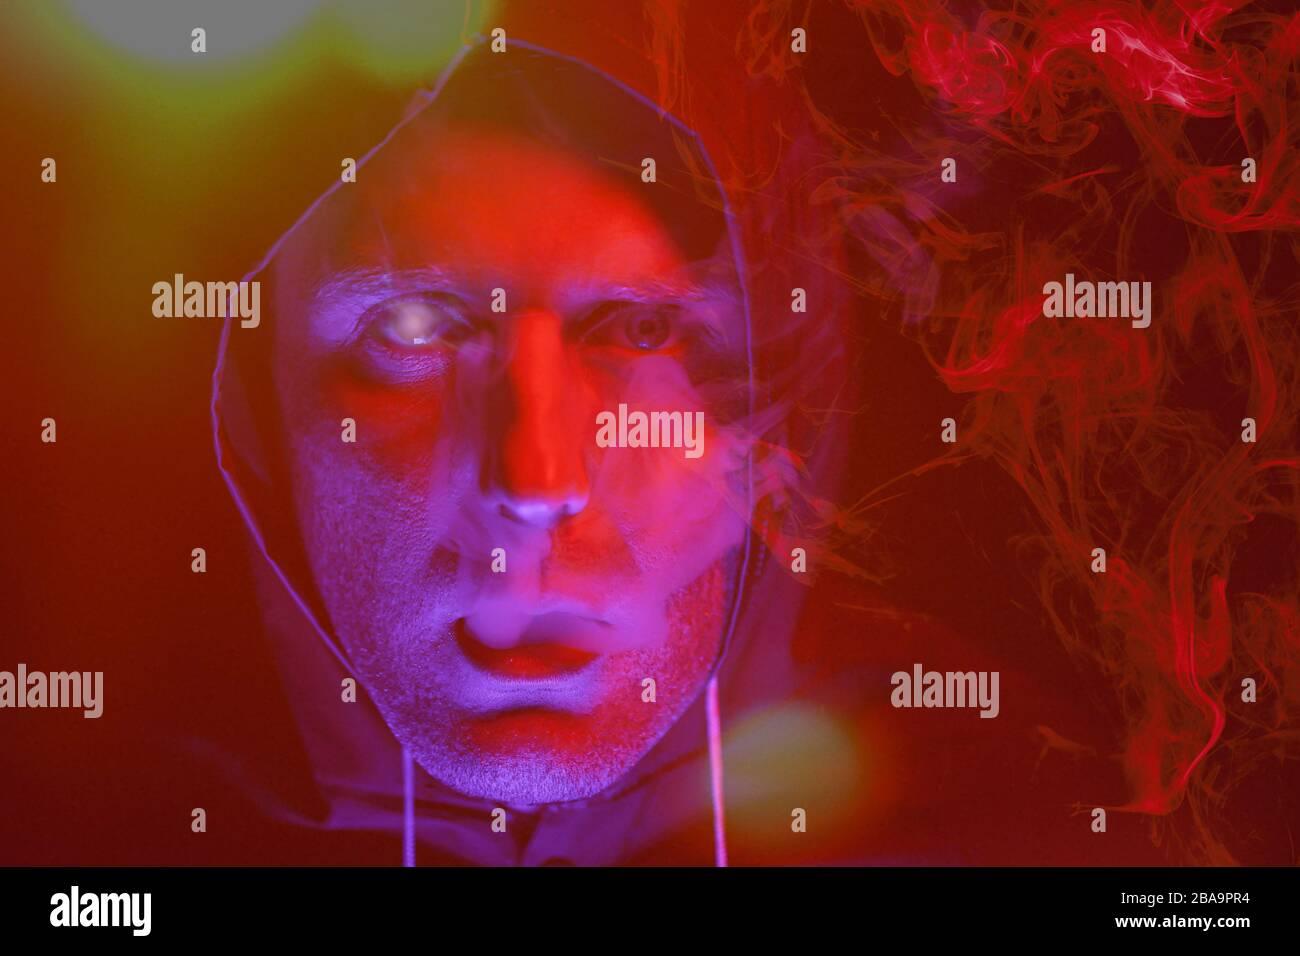 Ein Mann in Maske und Chemieschutzanzug in Rot und Blau. Kampf gegen den Virus Stockfoto